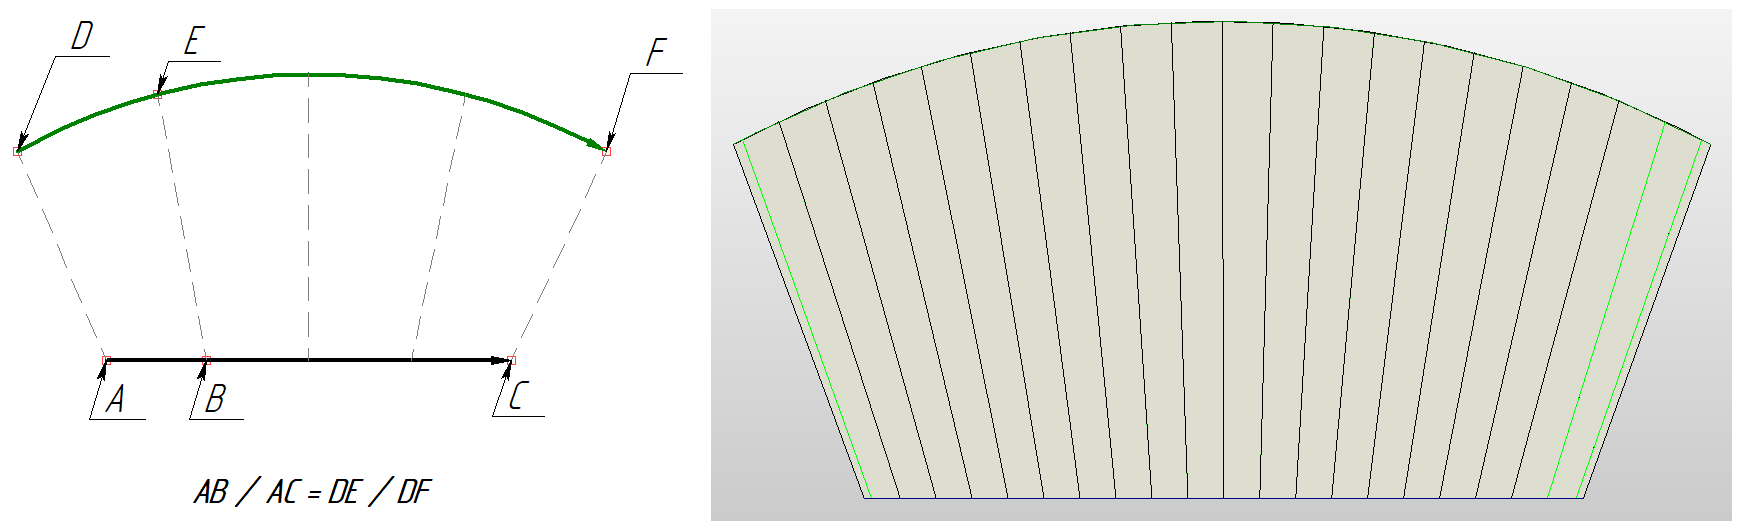 Рисунок 6. Распределение изопараметрических линий (тип выравнивания – по длине дуги)